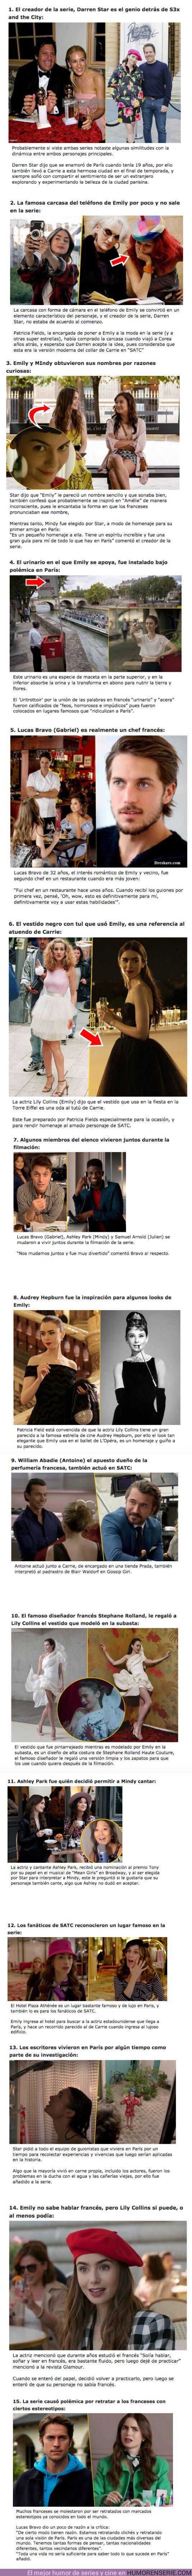 """59783 - GALERÍA: 15 Curiosidades que debes saber sobre la serie de Netflix """"Emily in Paris"""""""